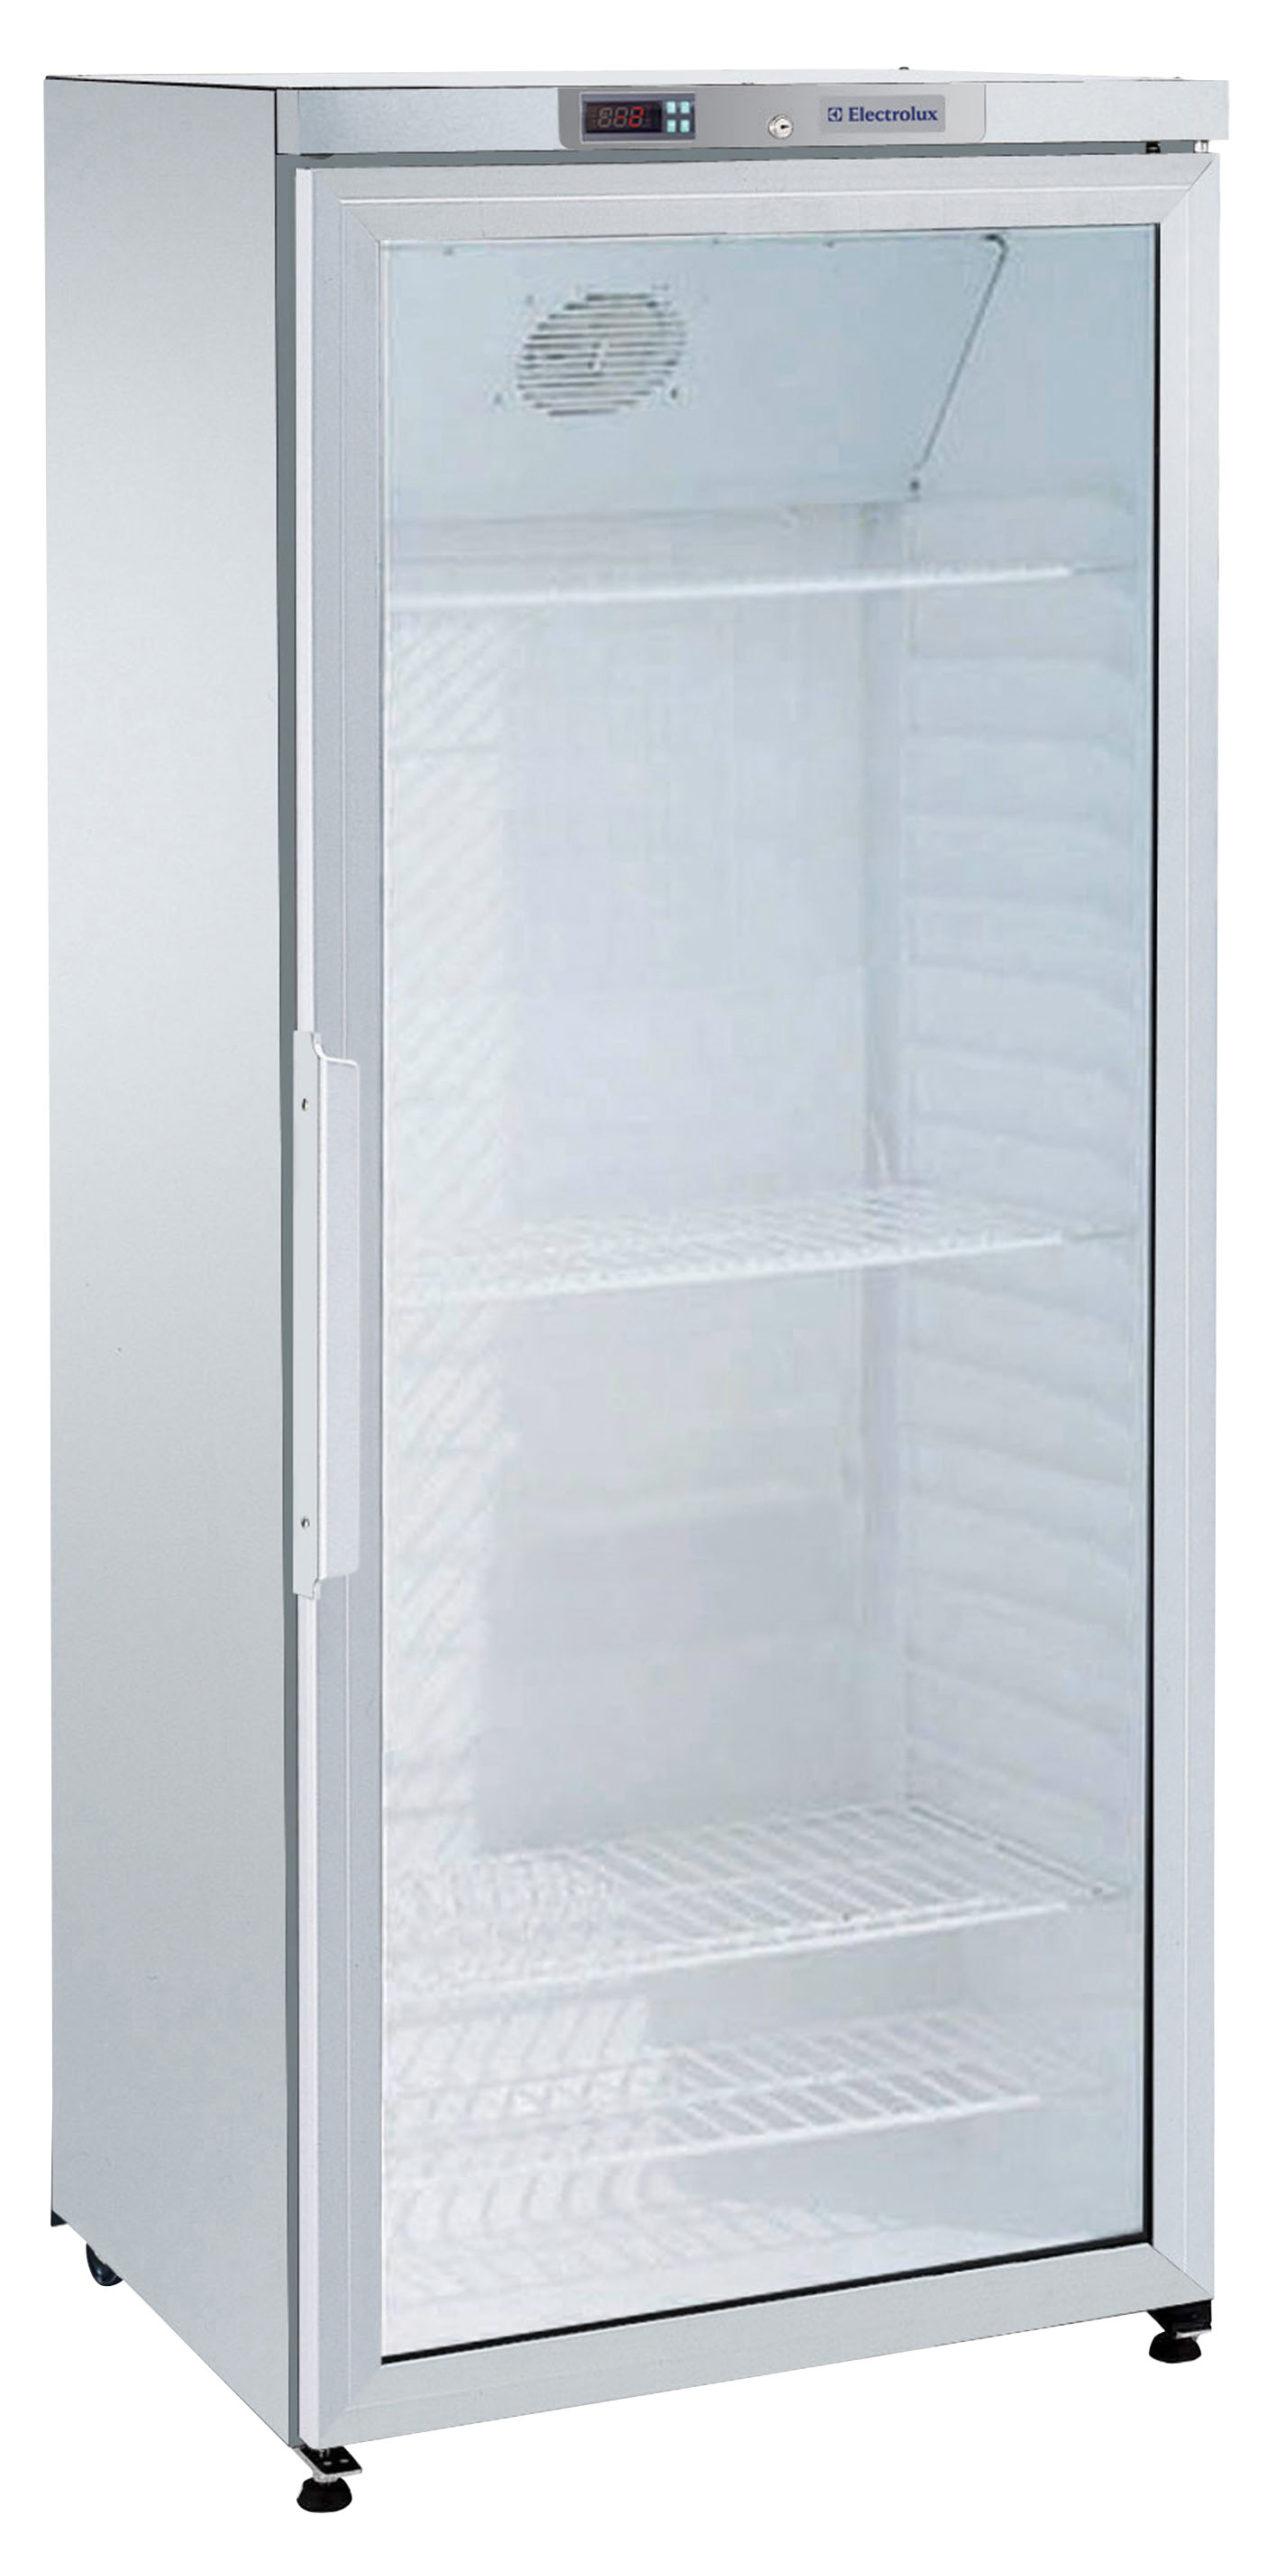 Electrolux 400L køle- og fryseskabe – R600a og R290